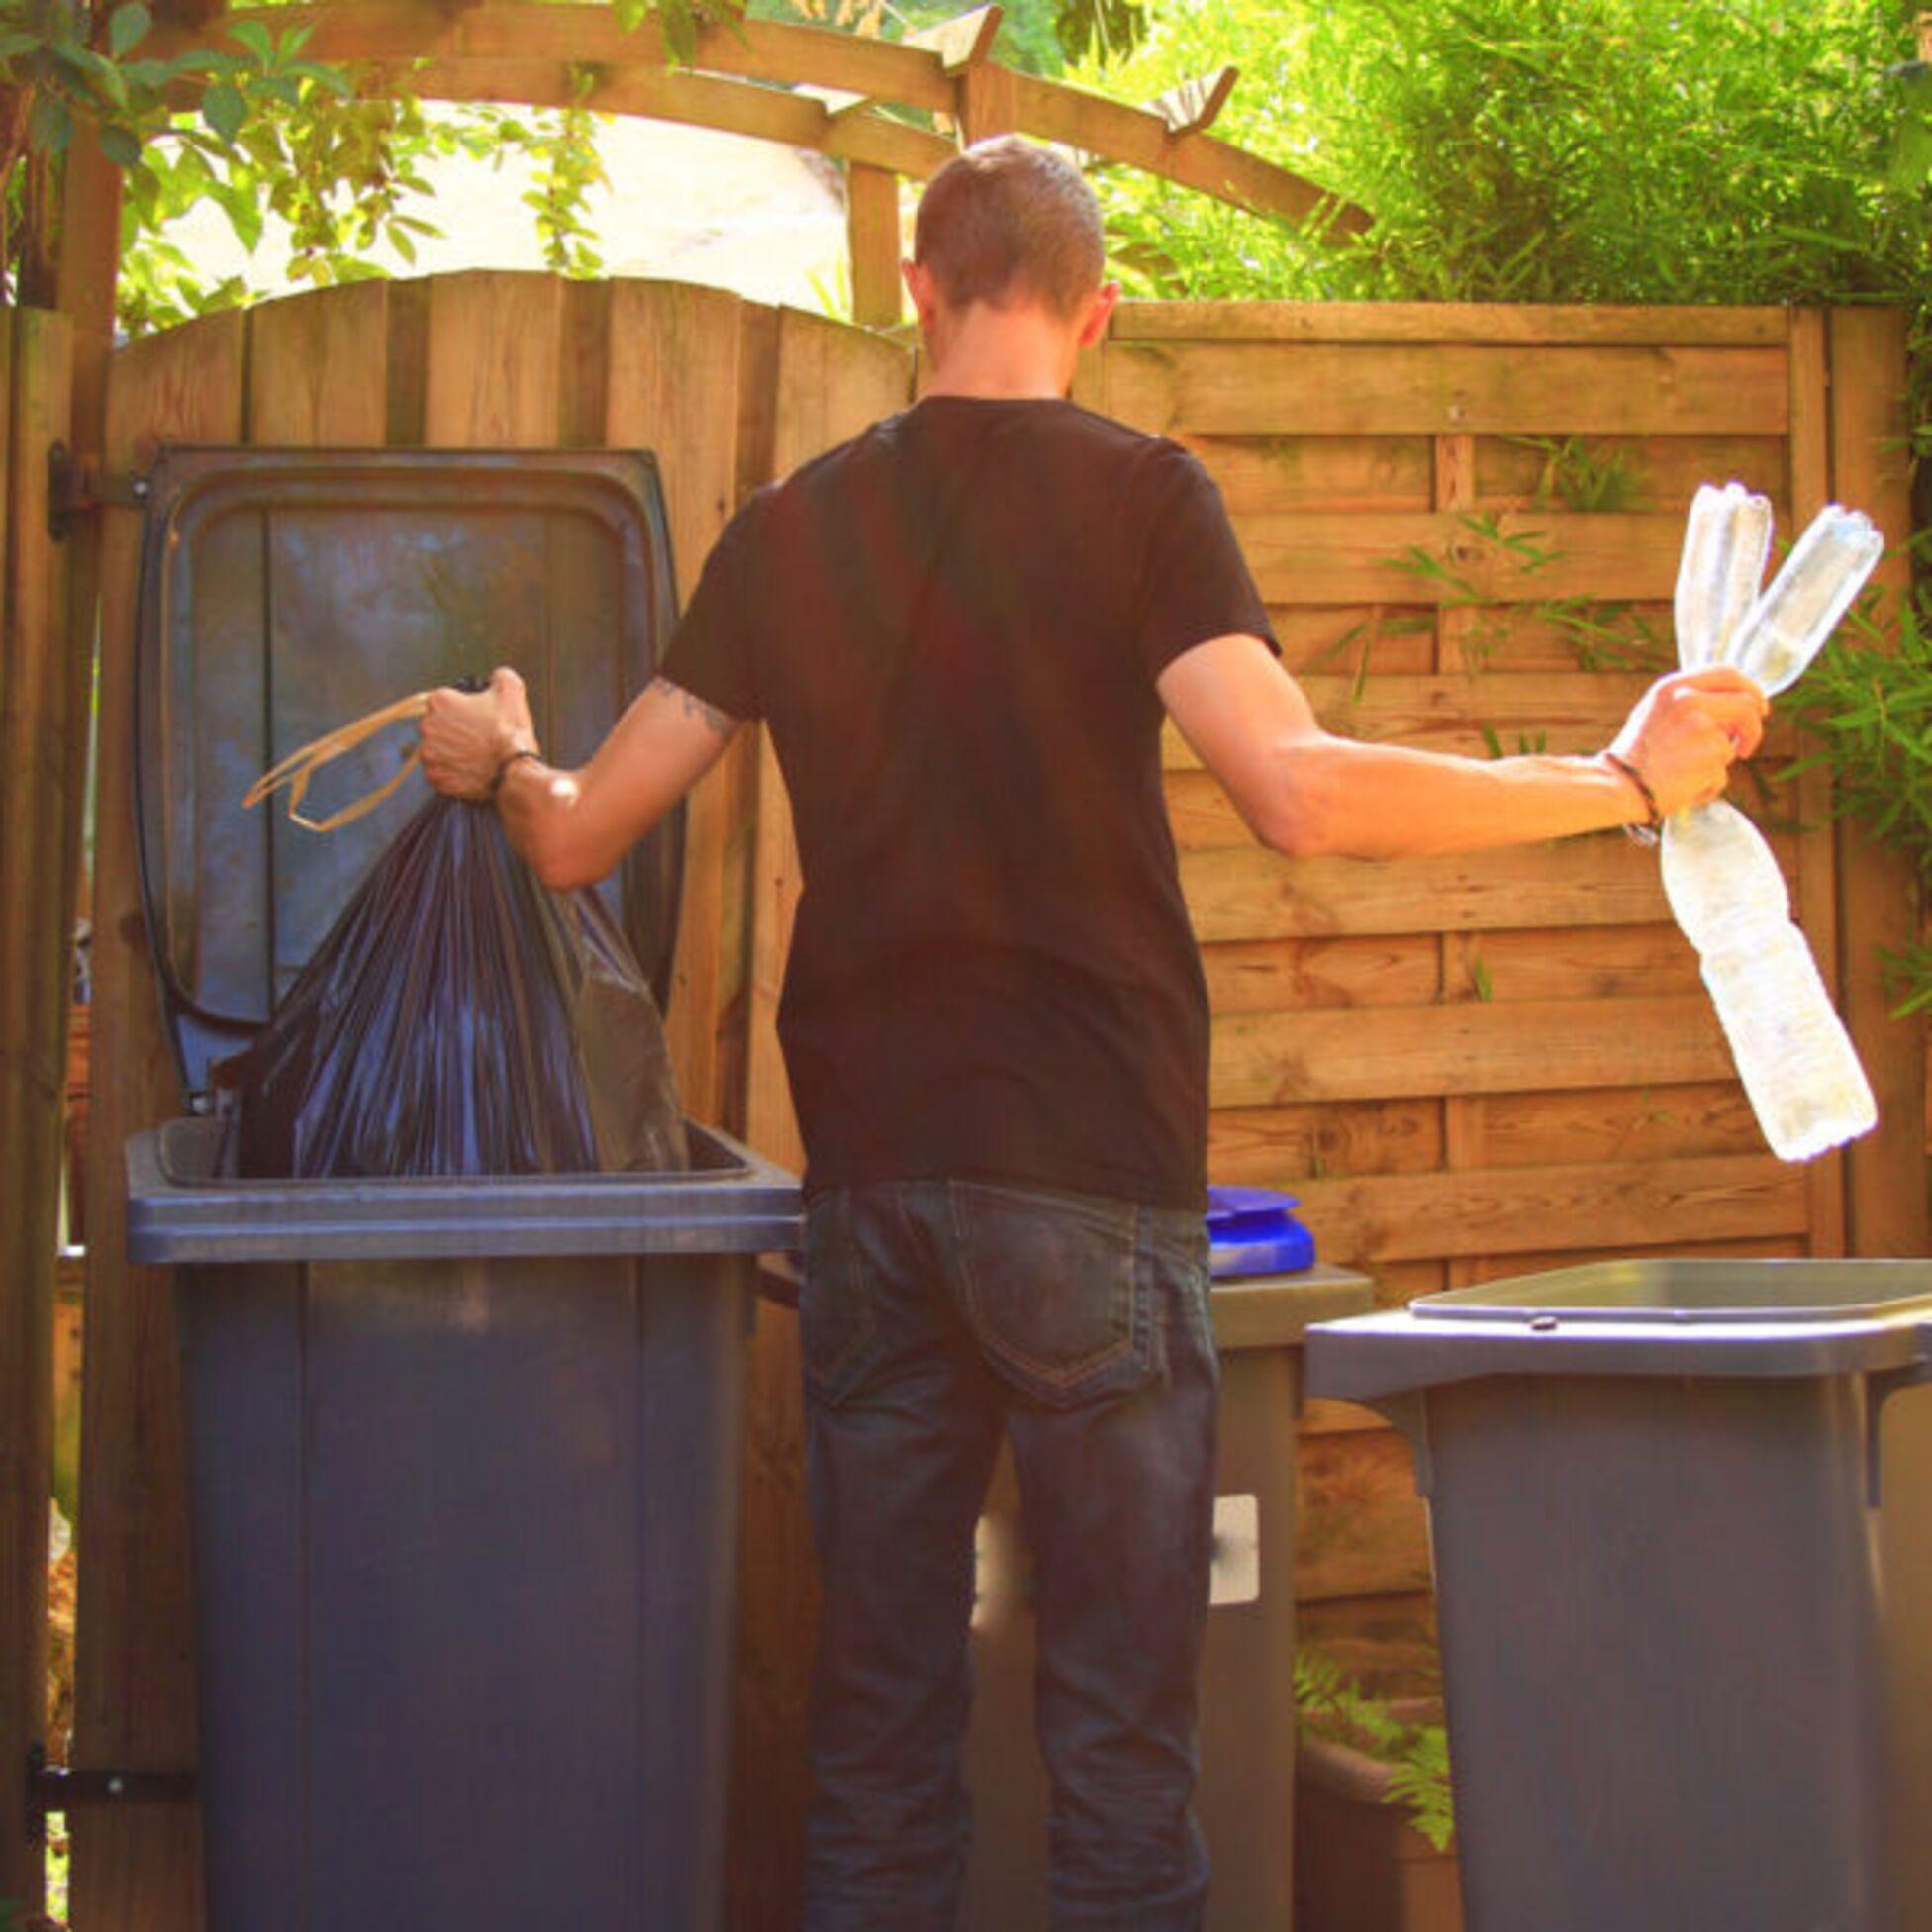 Mann sortiert Müll in Tonnen